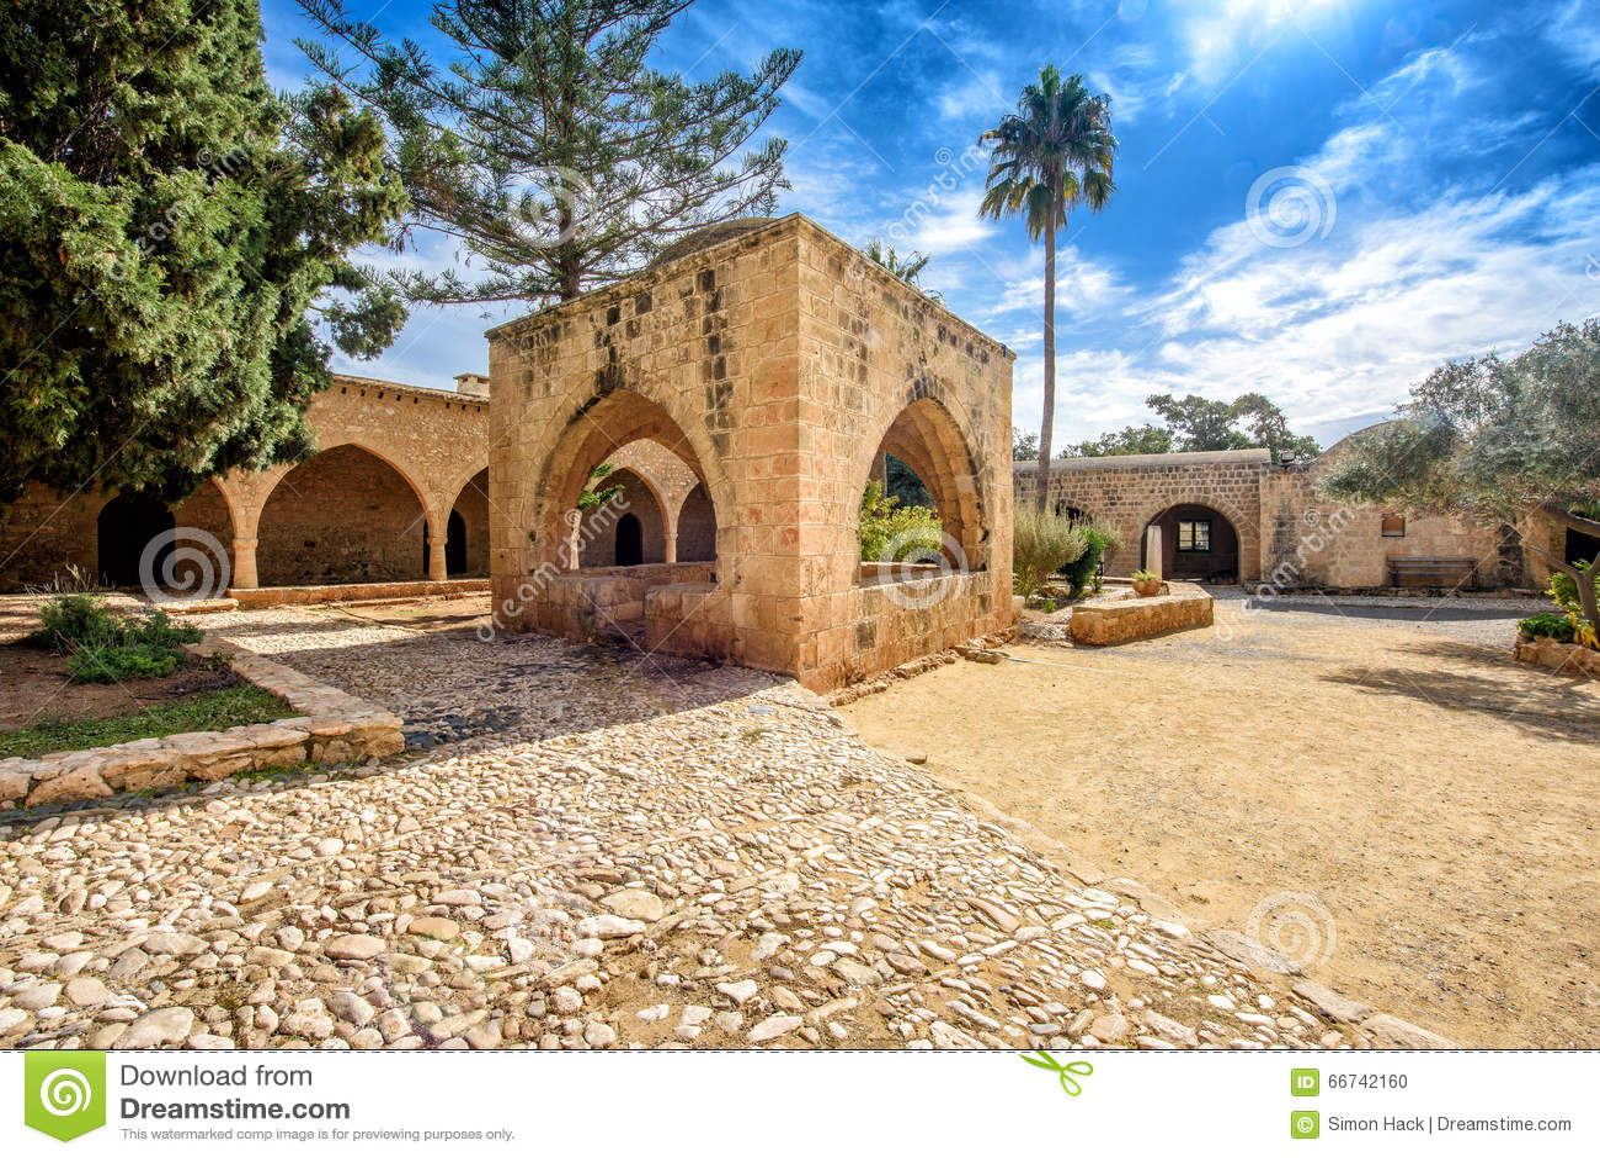 Agia Napa monasteru podwórze wysklepia w Cypr 7